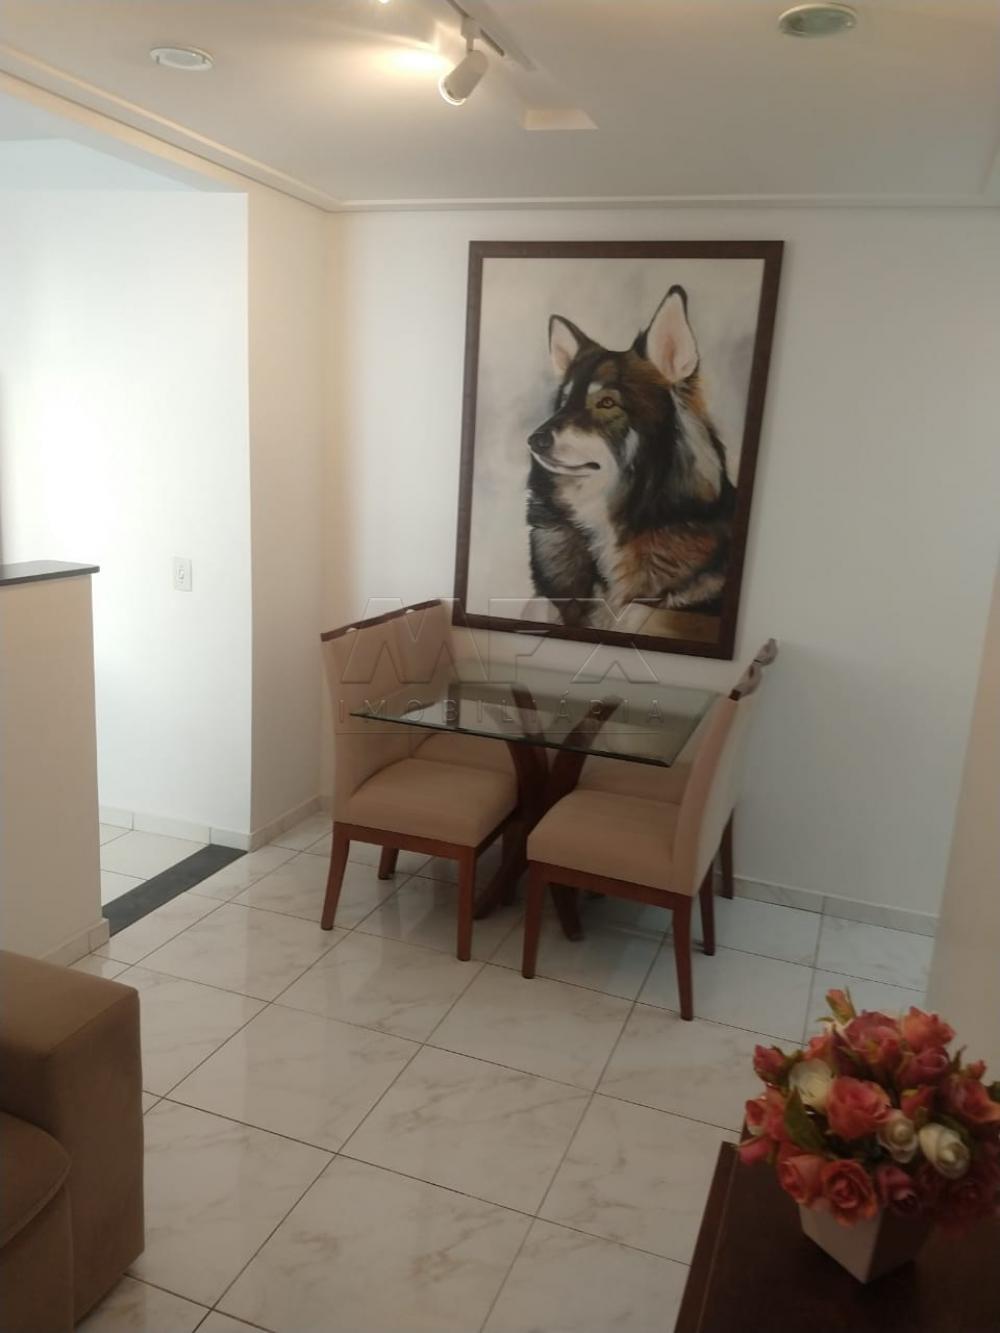 Comprar Apartamento / Padrão em Bauru apenas R$ 145.000,00 - Foto 2